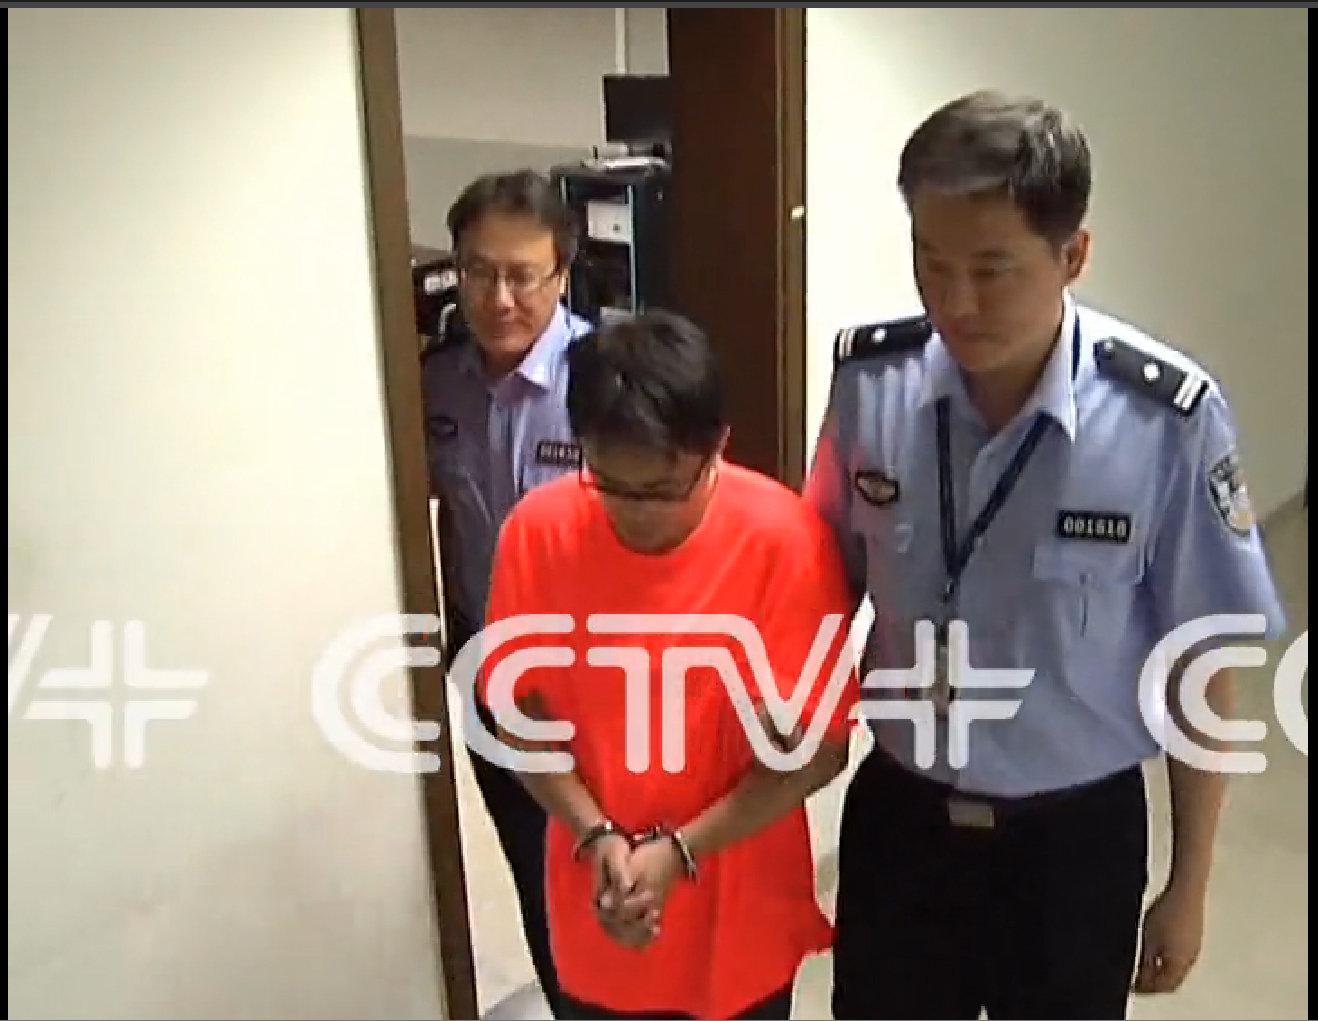 Ảnh minh họa : Zhen Bou, một nhà báo Trung Quốc bị bắt năm 2014, thú nhận rằng đã nhận nhiều tiền từ doanh nghiệp để viết bài báo ca ngợi họ. Nguồn: CCTV